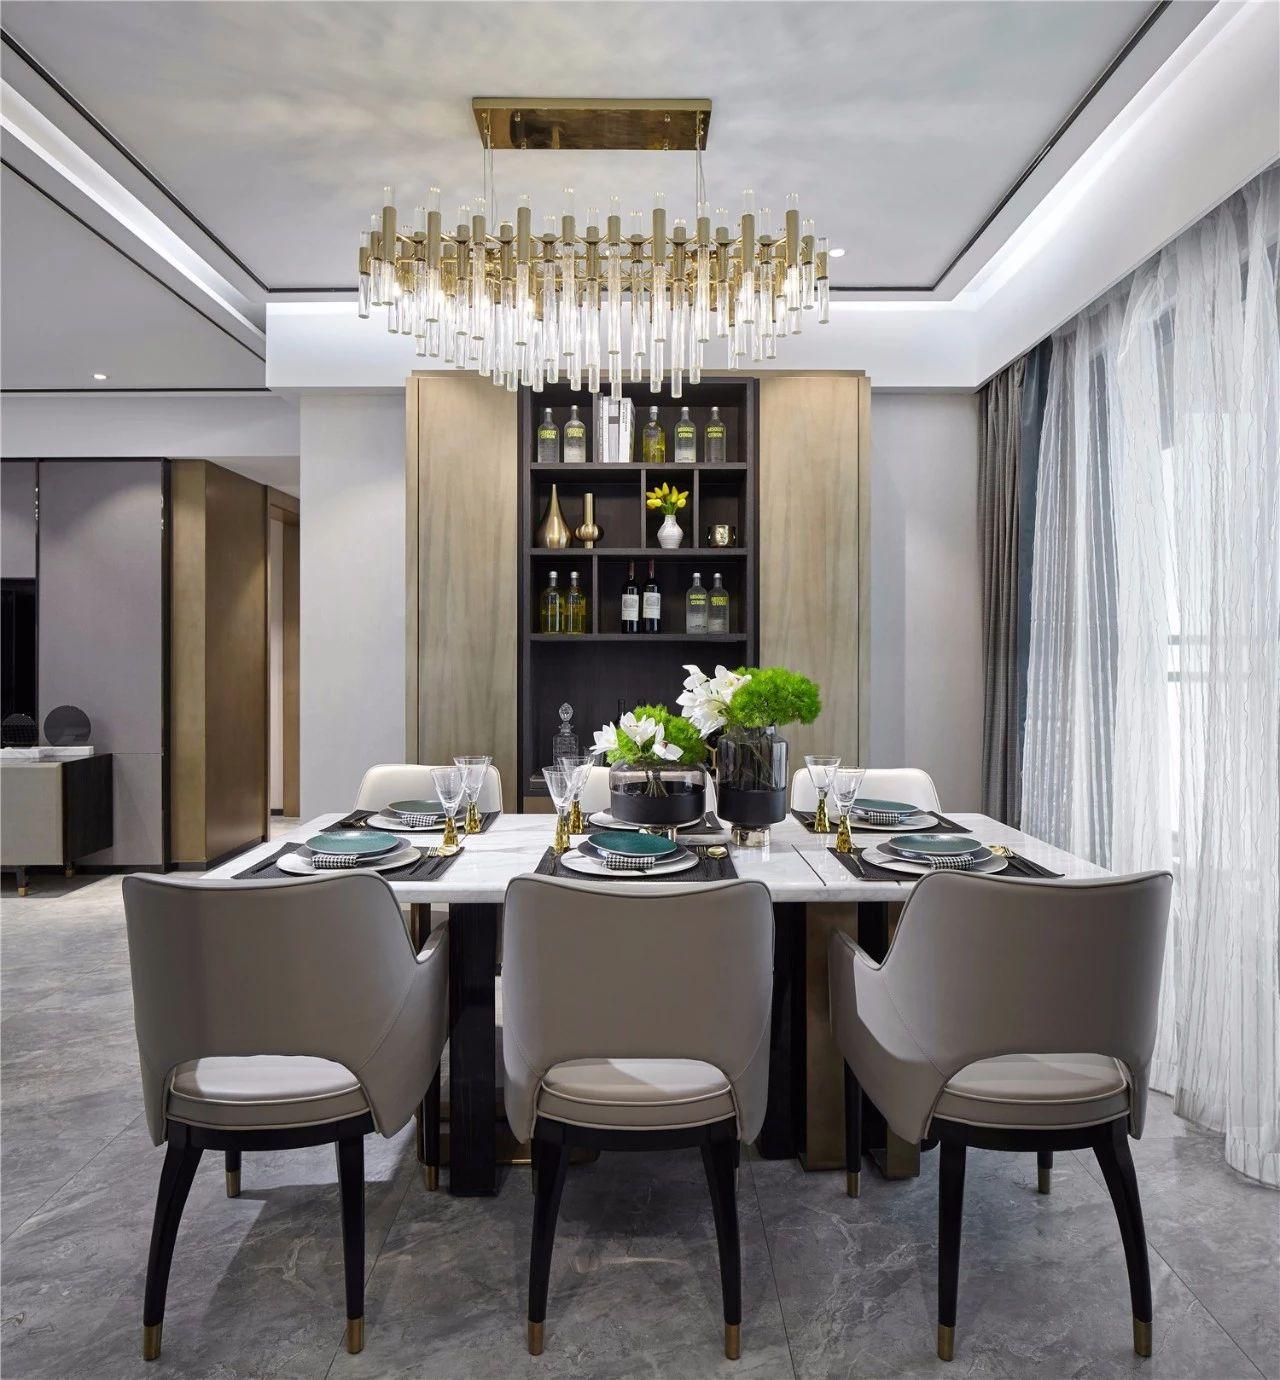 现代 基装 全包 鹏友百年 私人订制 全案设计 餐厅图片来自鹏友百年装饰在自带优雅静谧的气质的分享